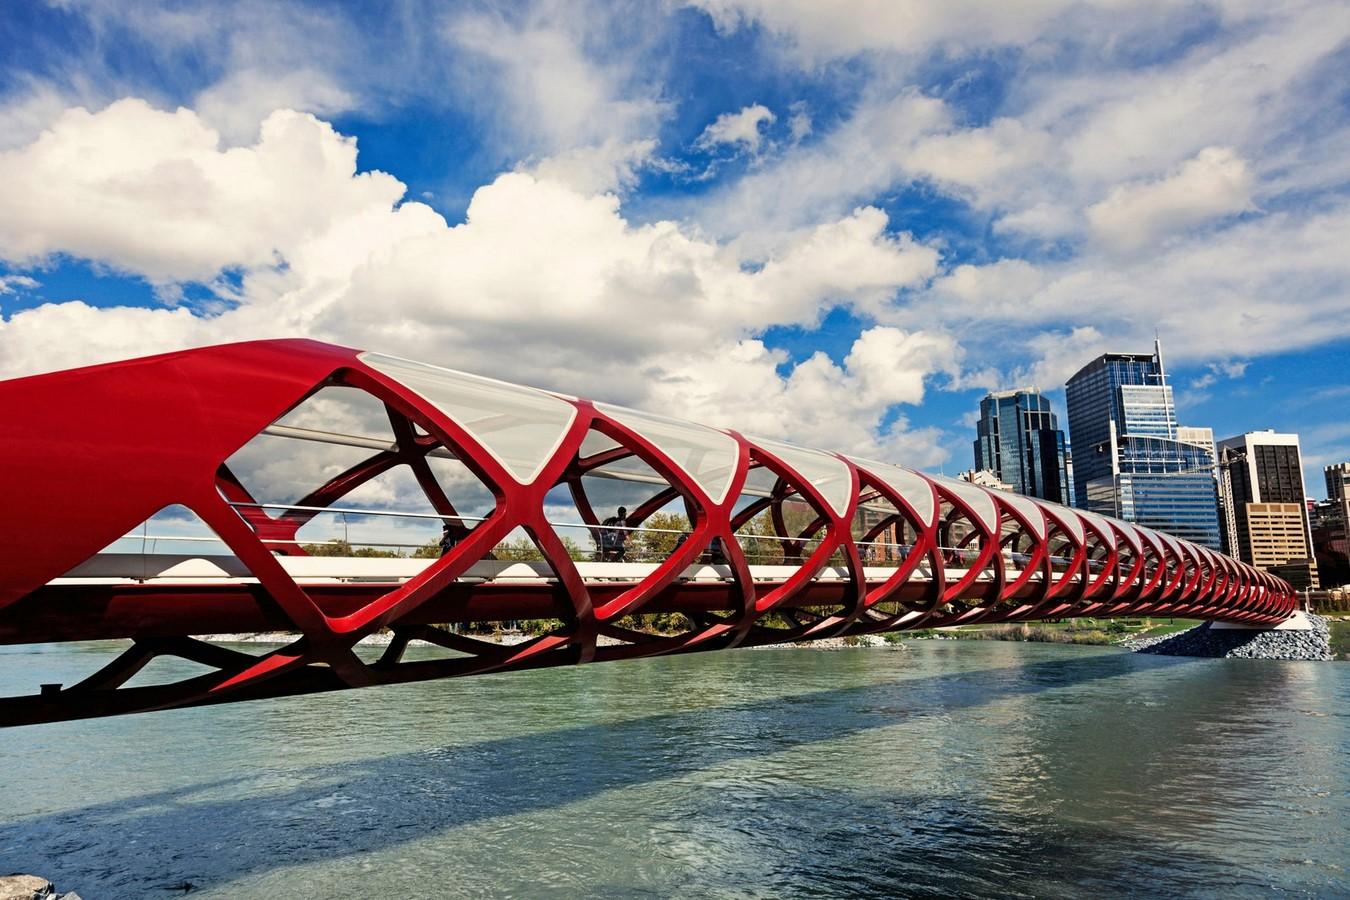 10 Things to remember when designing Pedestrain bridges - Sheet5